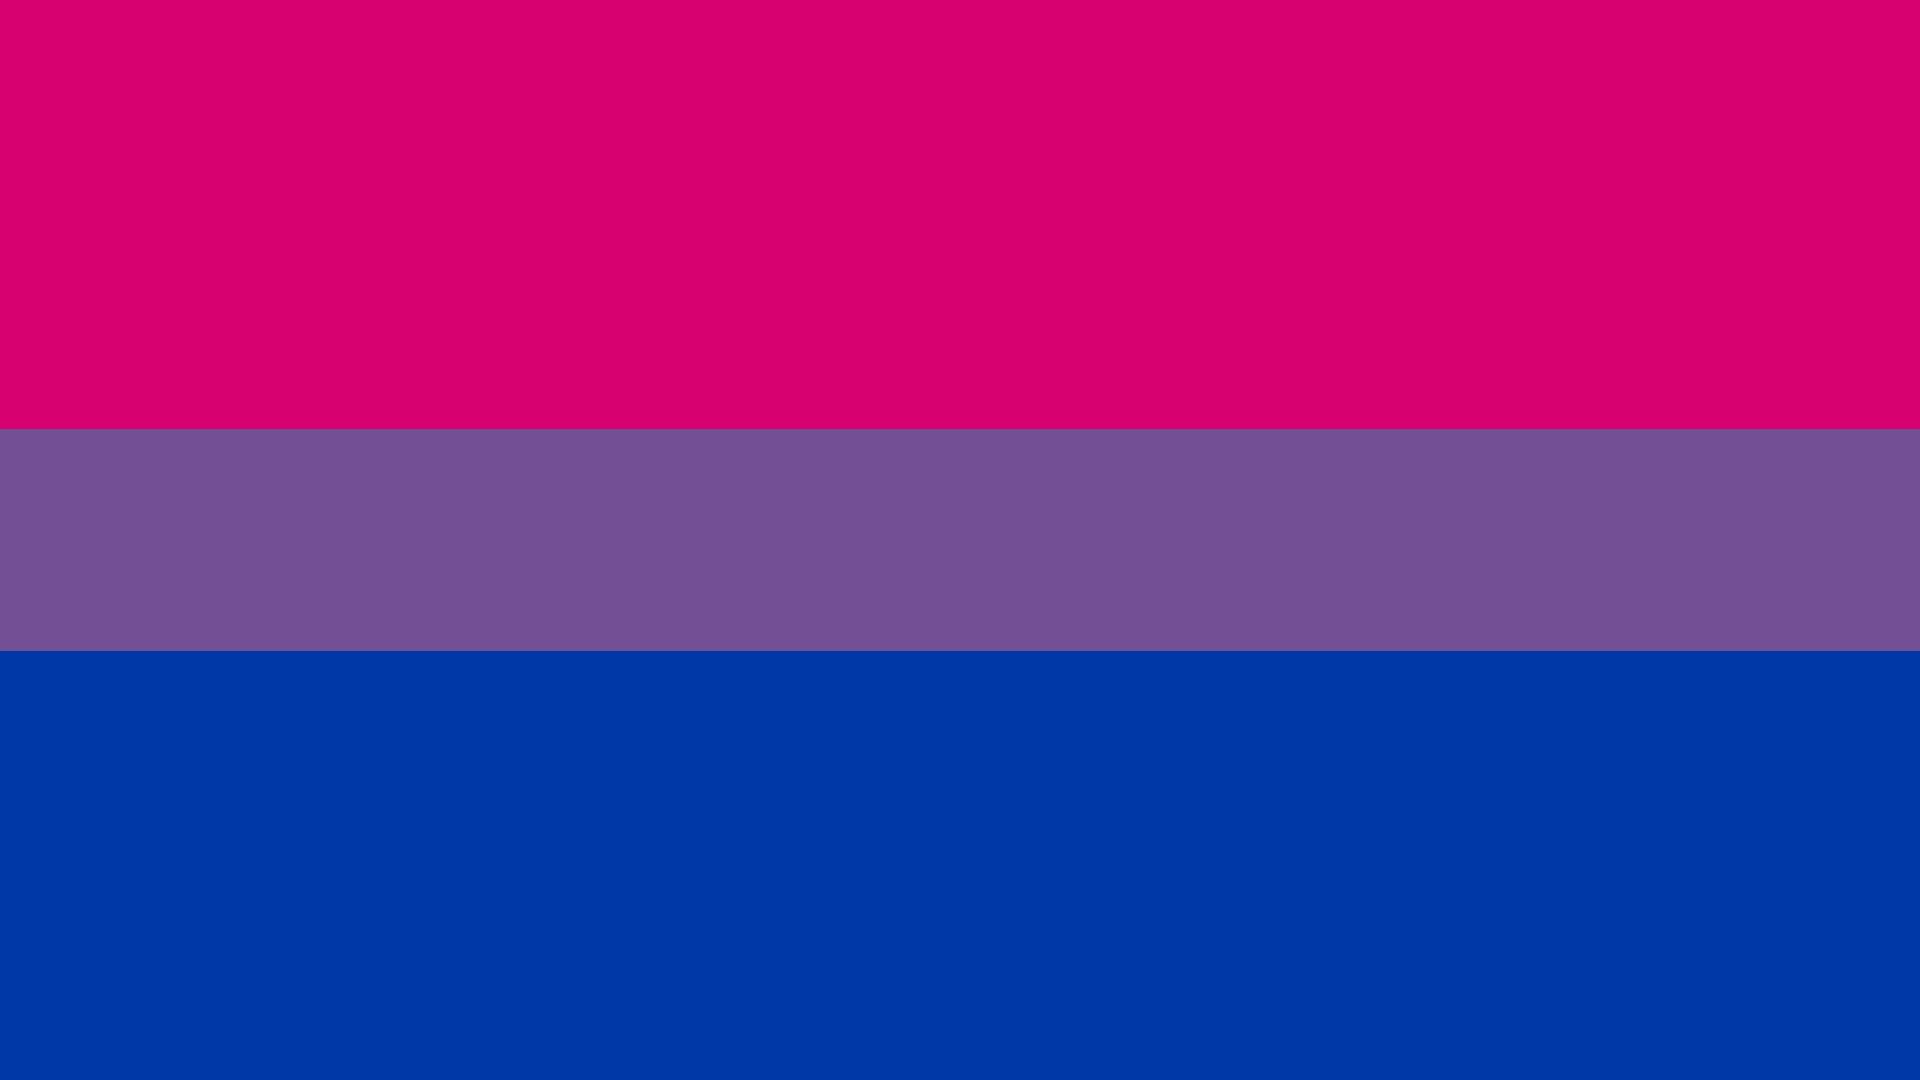 бисексуалы видео на телефон смотреть фото 14